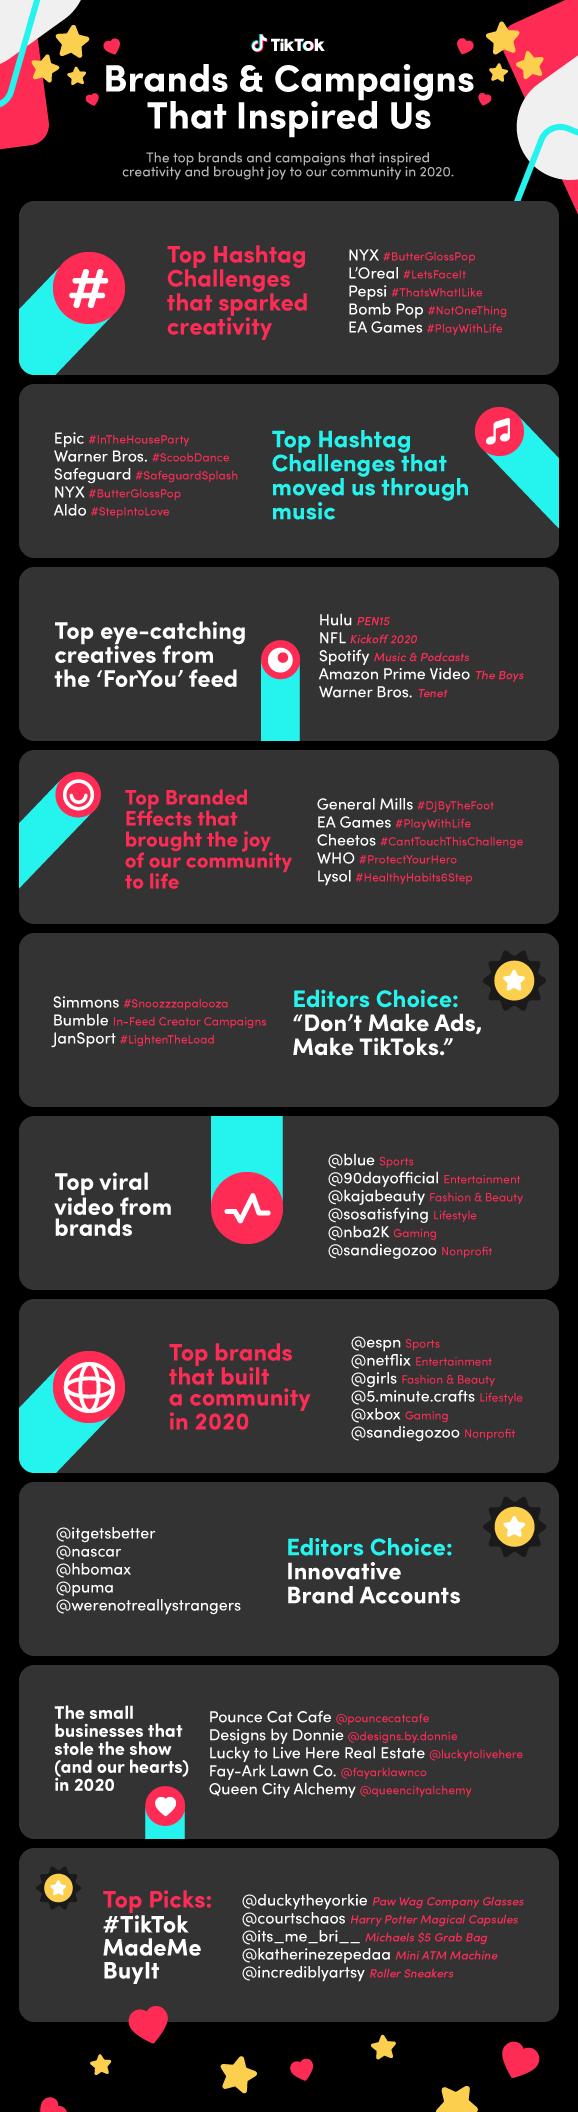 TikTok brand campaigns 2020